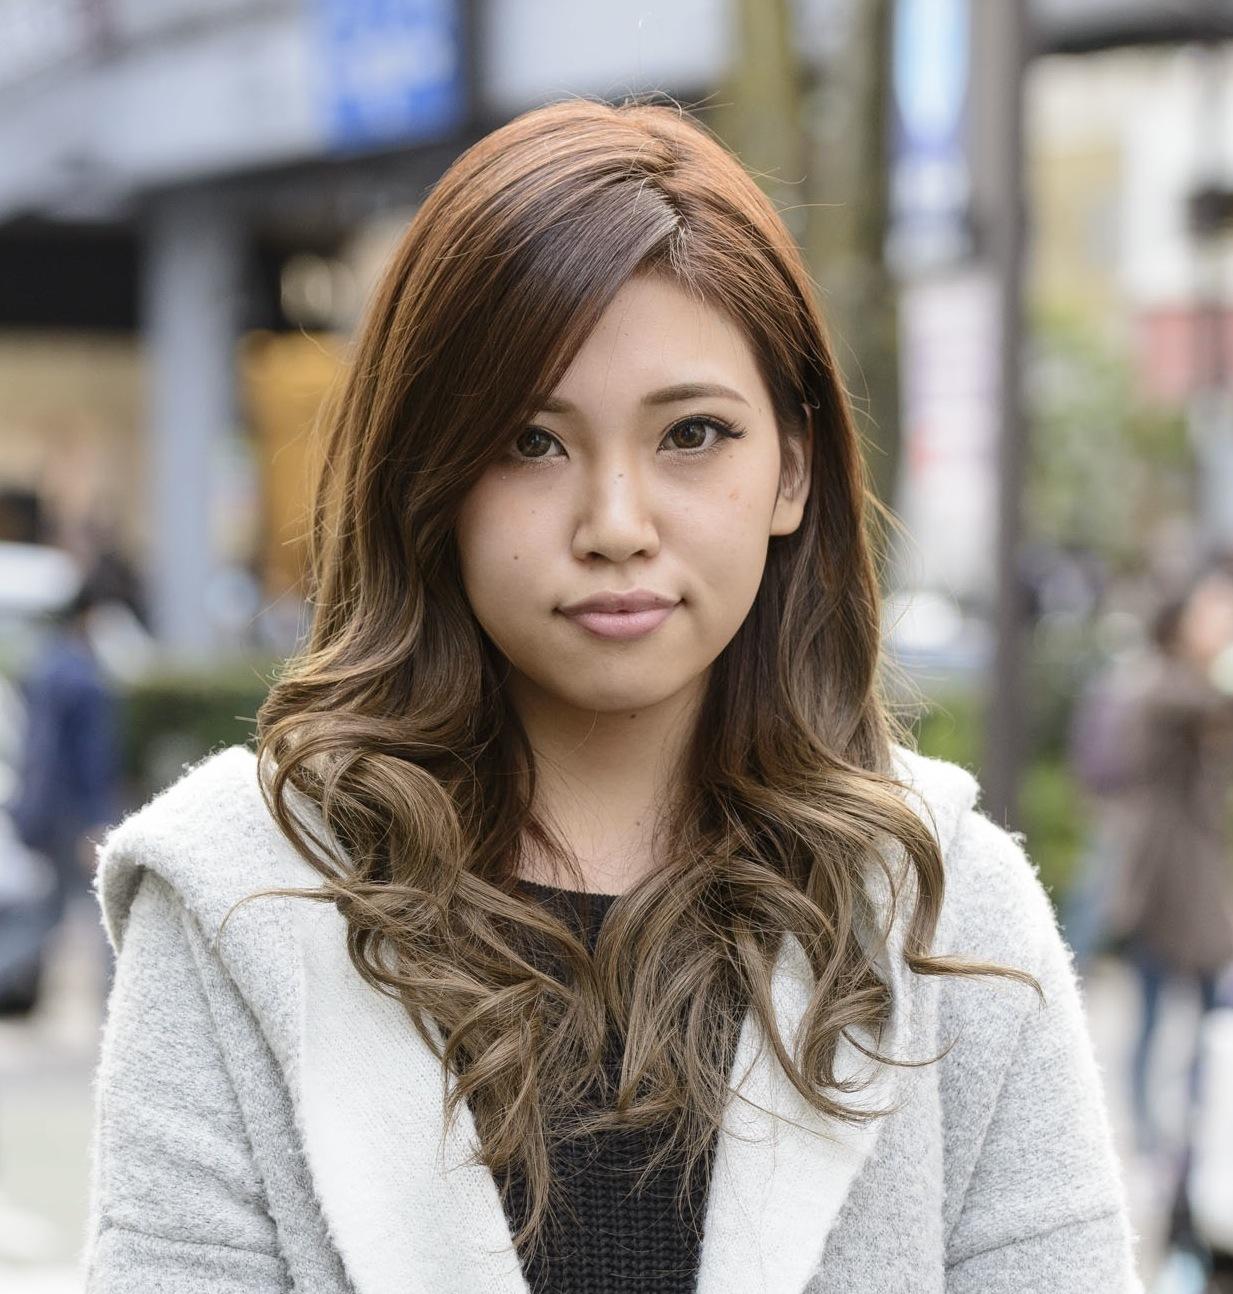 【女子SNAP】SJ美女図鑑<br />おフェロな雰囲気ただようお姉さん♡<br />菊池美里さん・BLEA